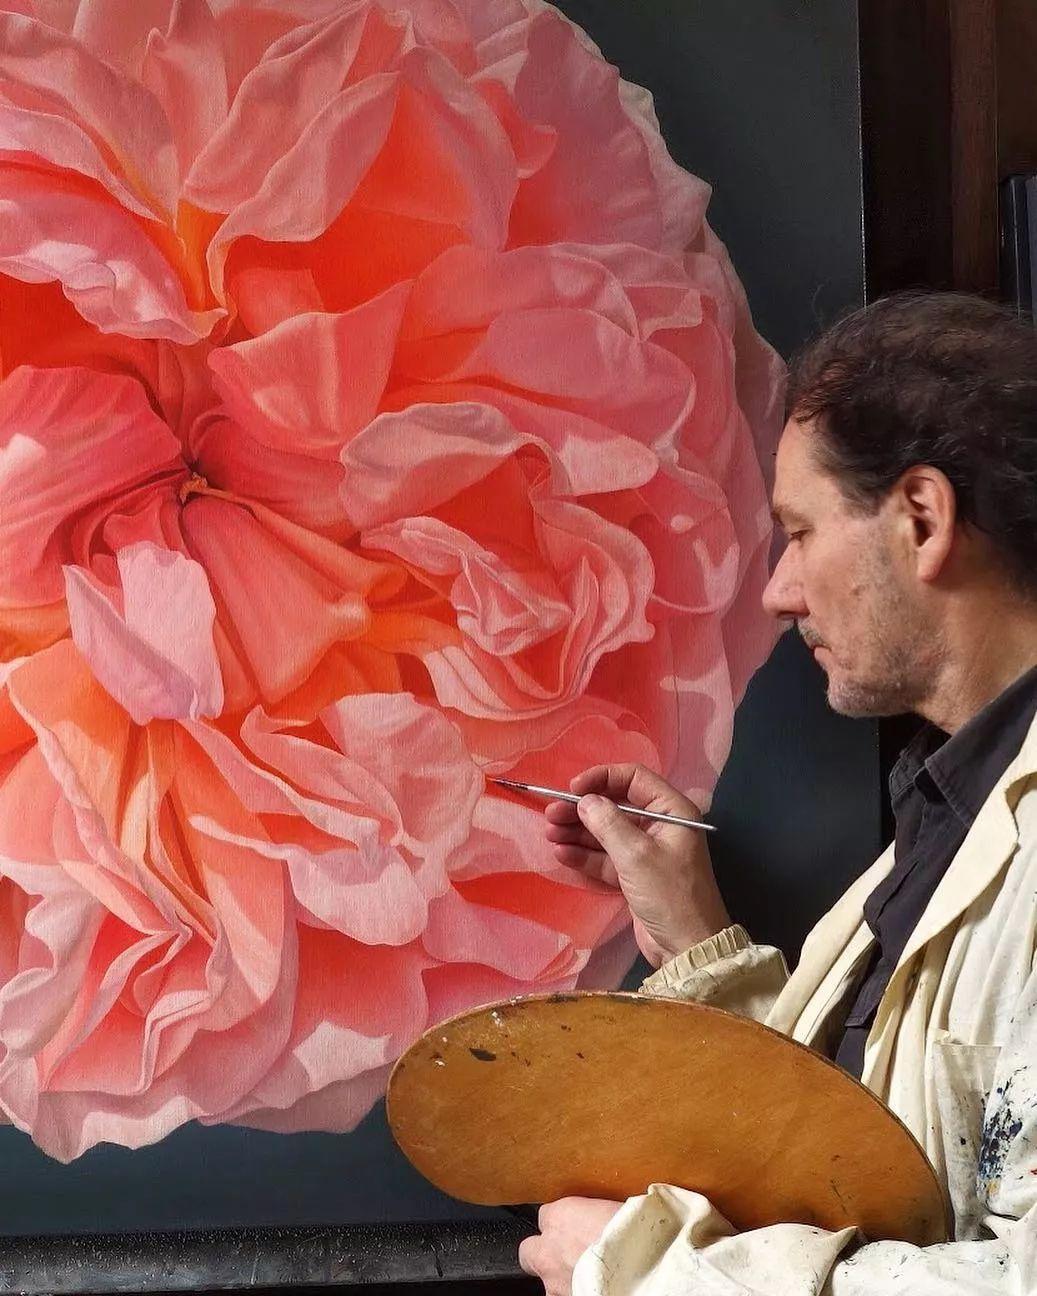 他用一块画布,就能将其变成一个露珠覆盖的玫瑰花园插图29